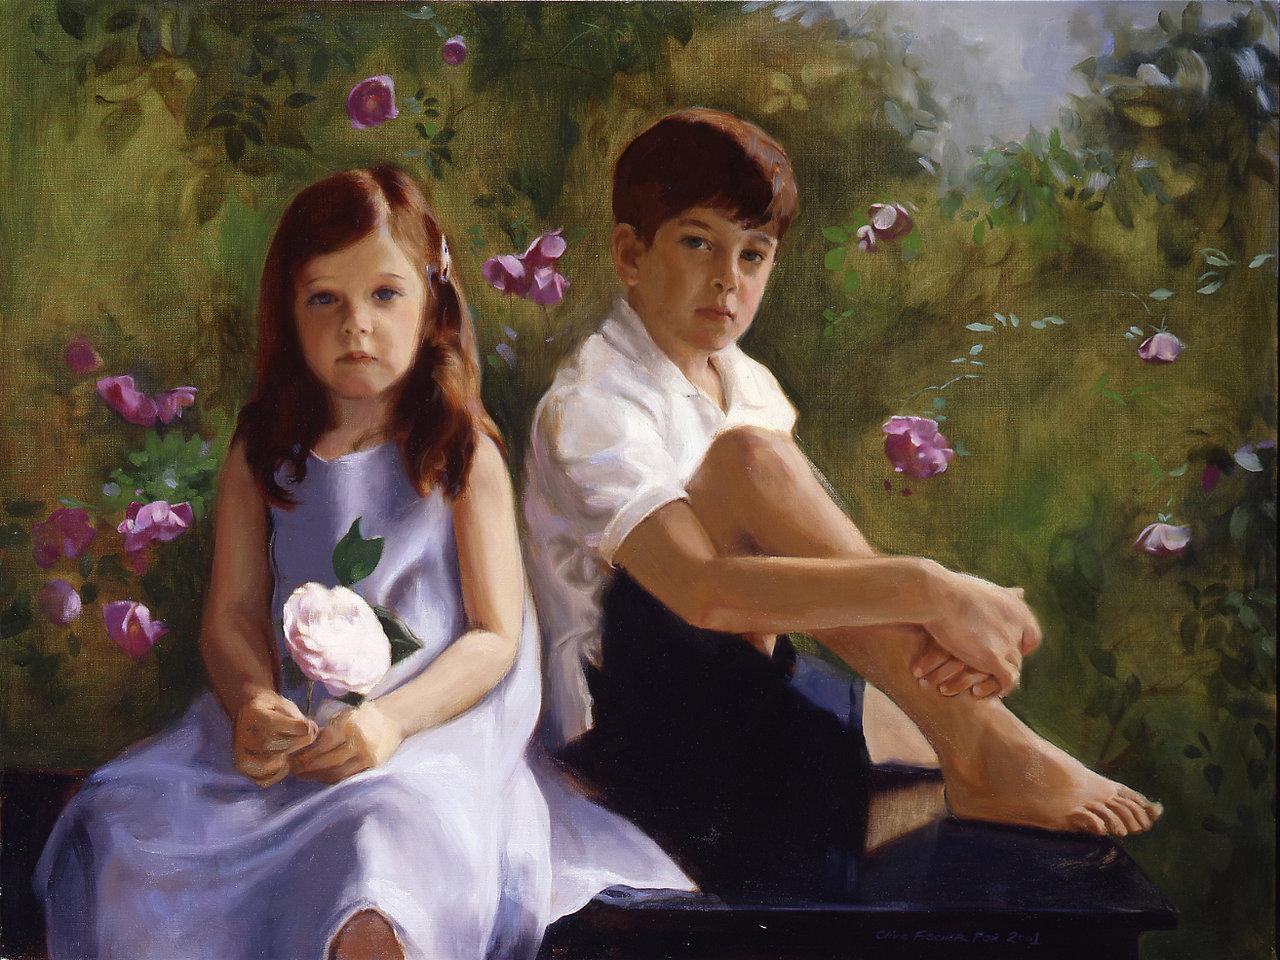 Lili & Isaac